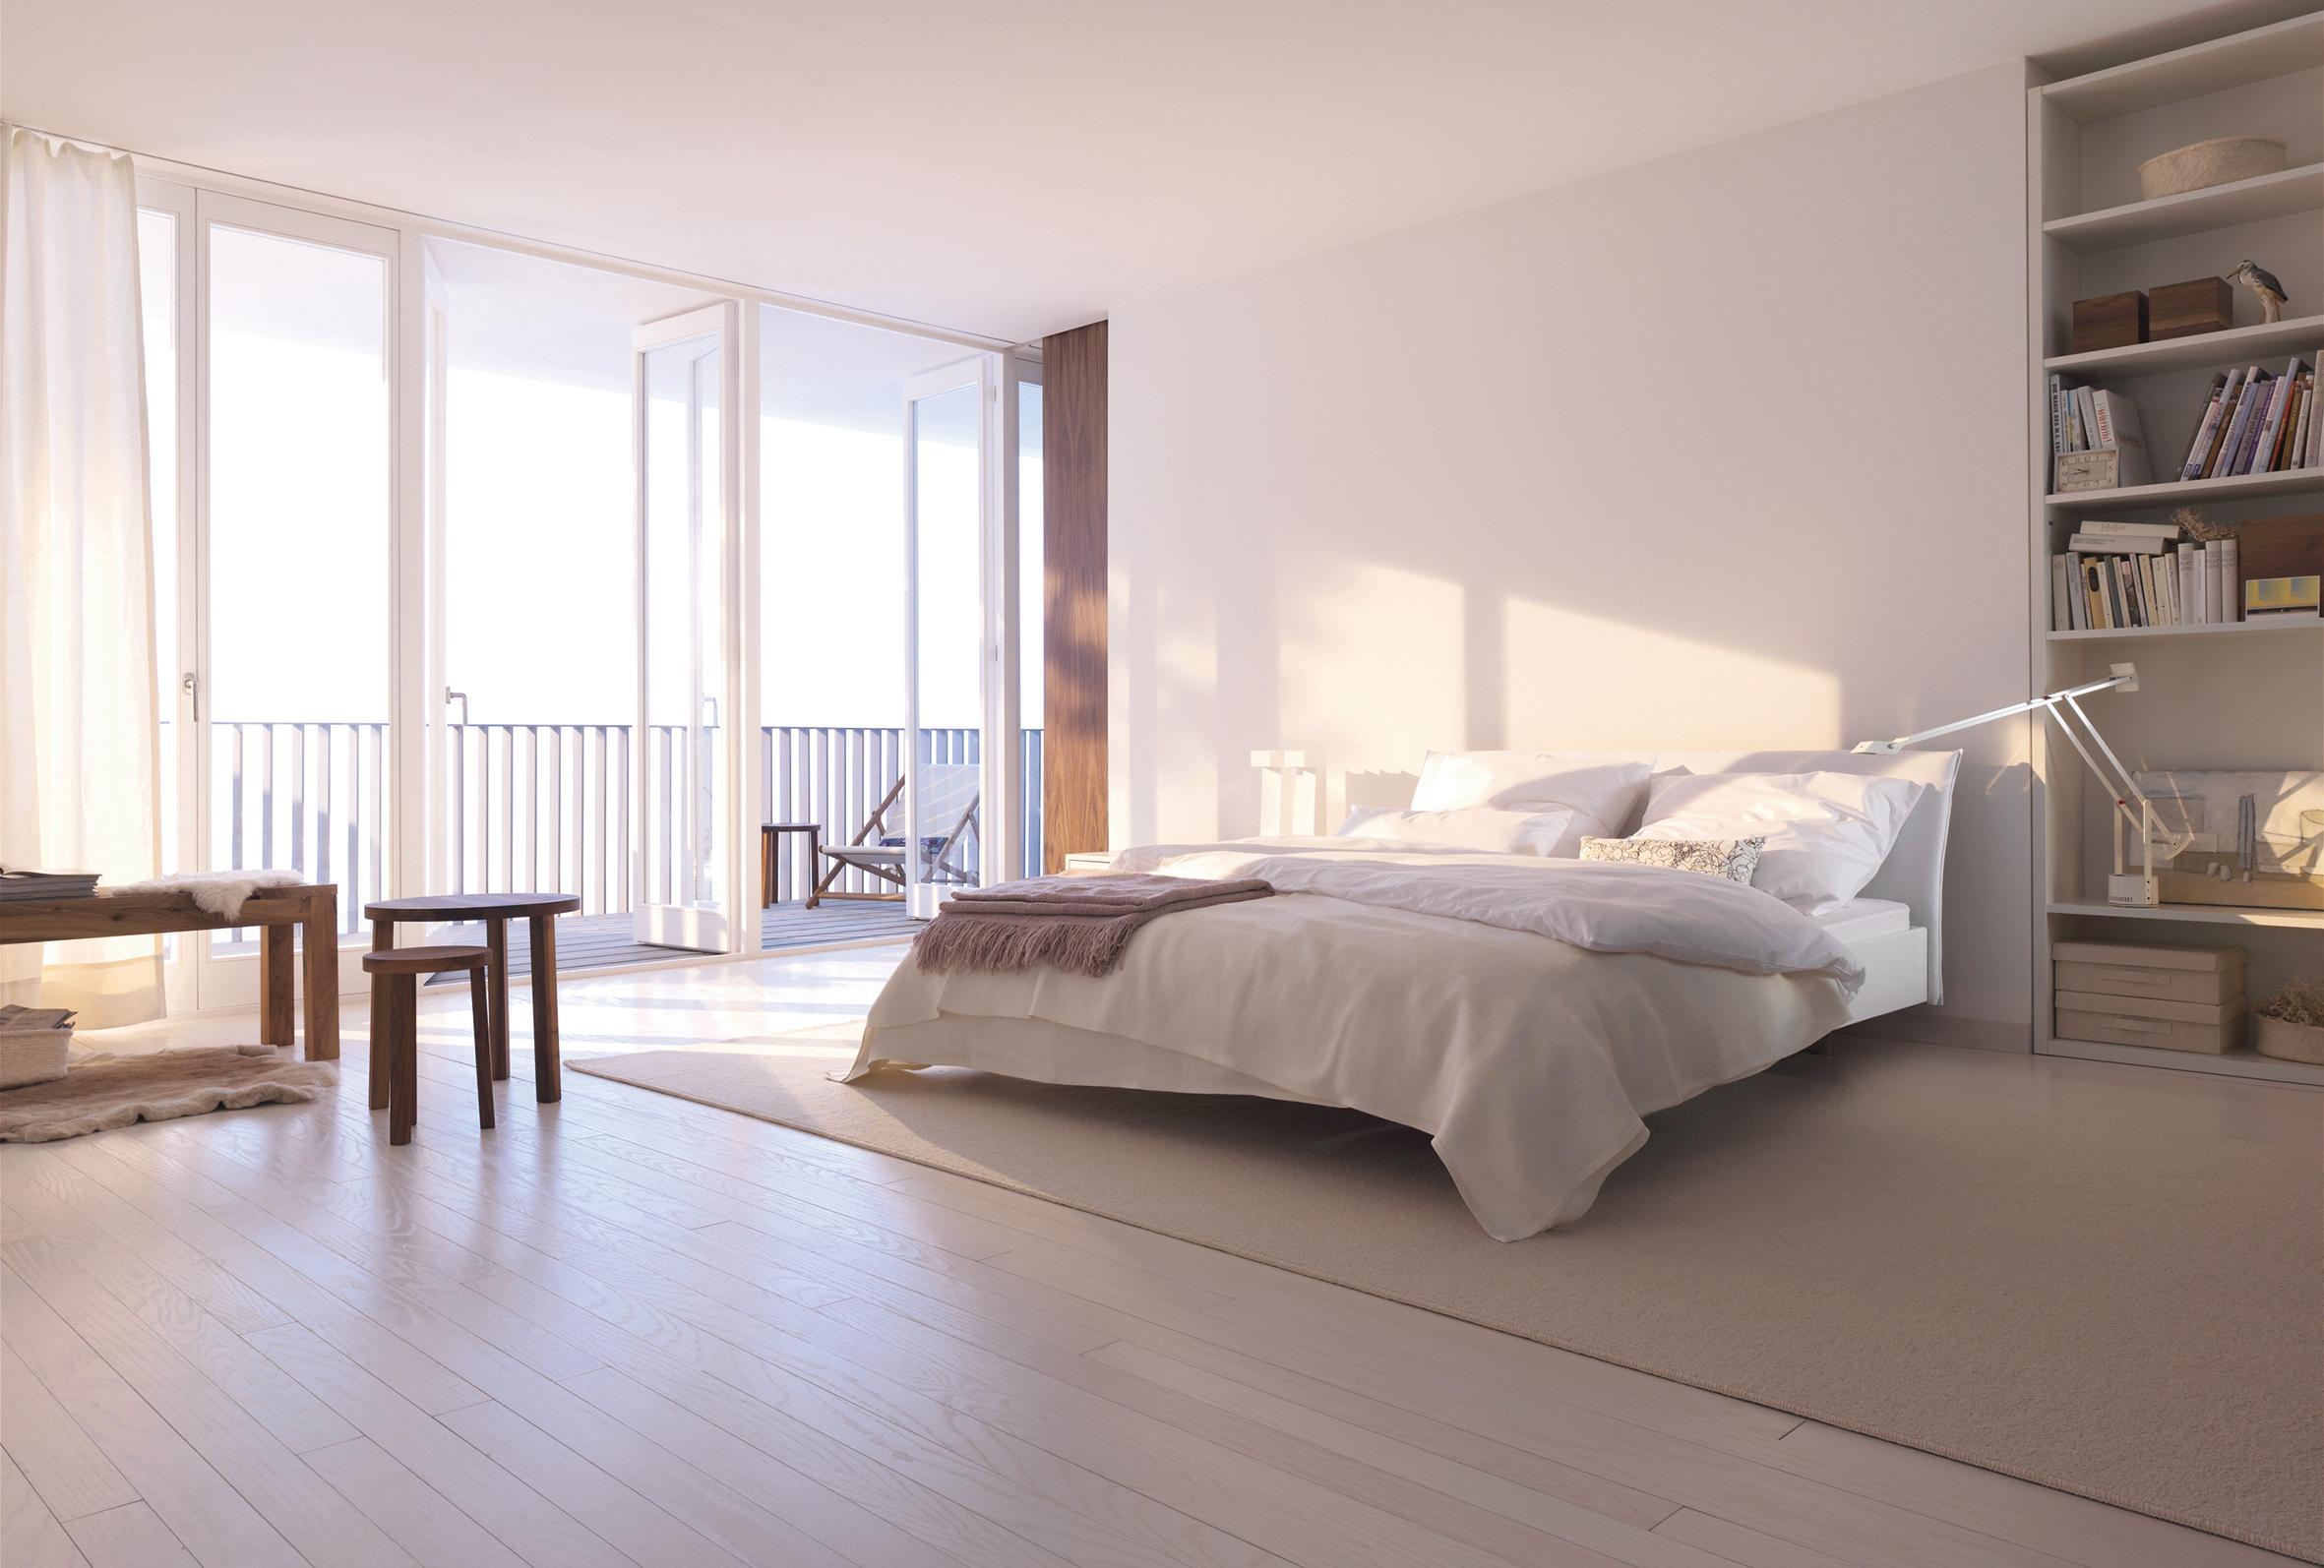 Schlafzimmer In Cremefarben Einrichten Boxspringbett Zimmergestaltung CInterlubke